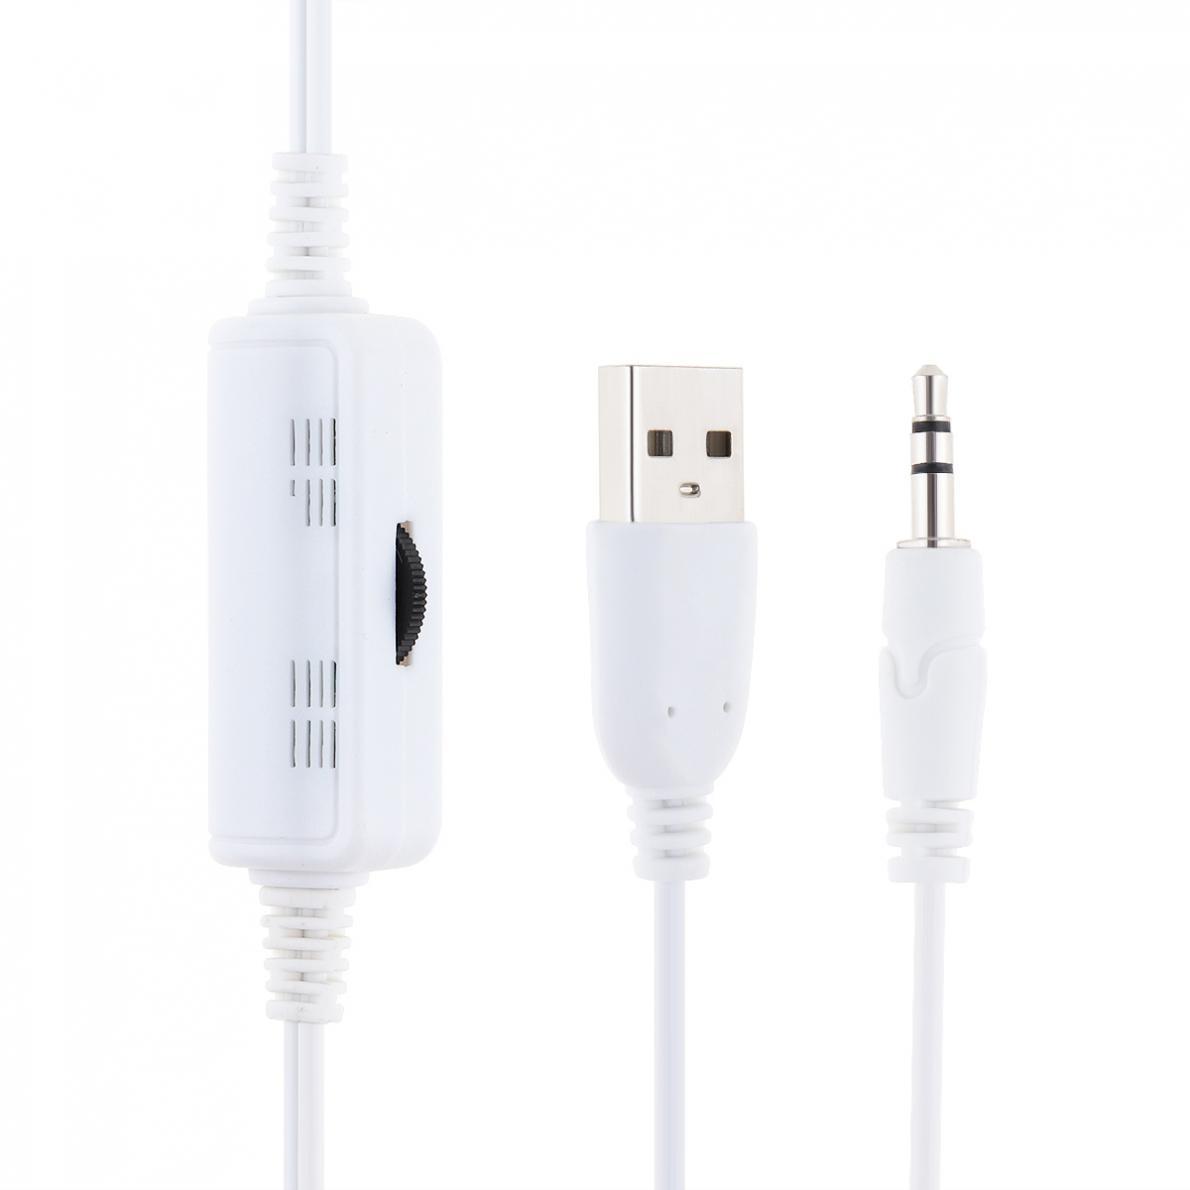 JT 2602 пластиковый мини USB 2 0 мм 52 полный антимагнитных динамик с 3 5 стерео джек и 26534-description-7-l2.jpg